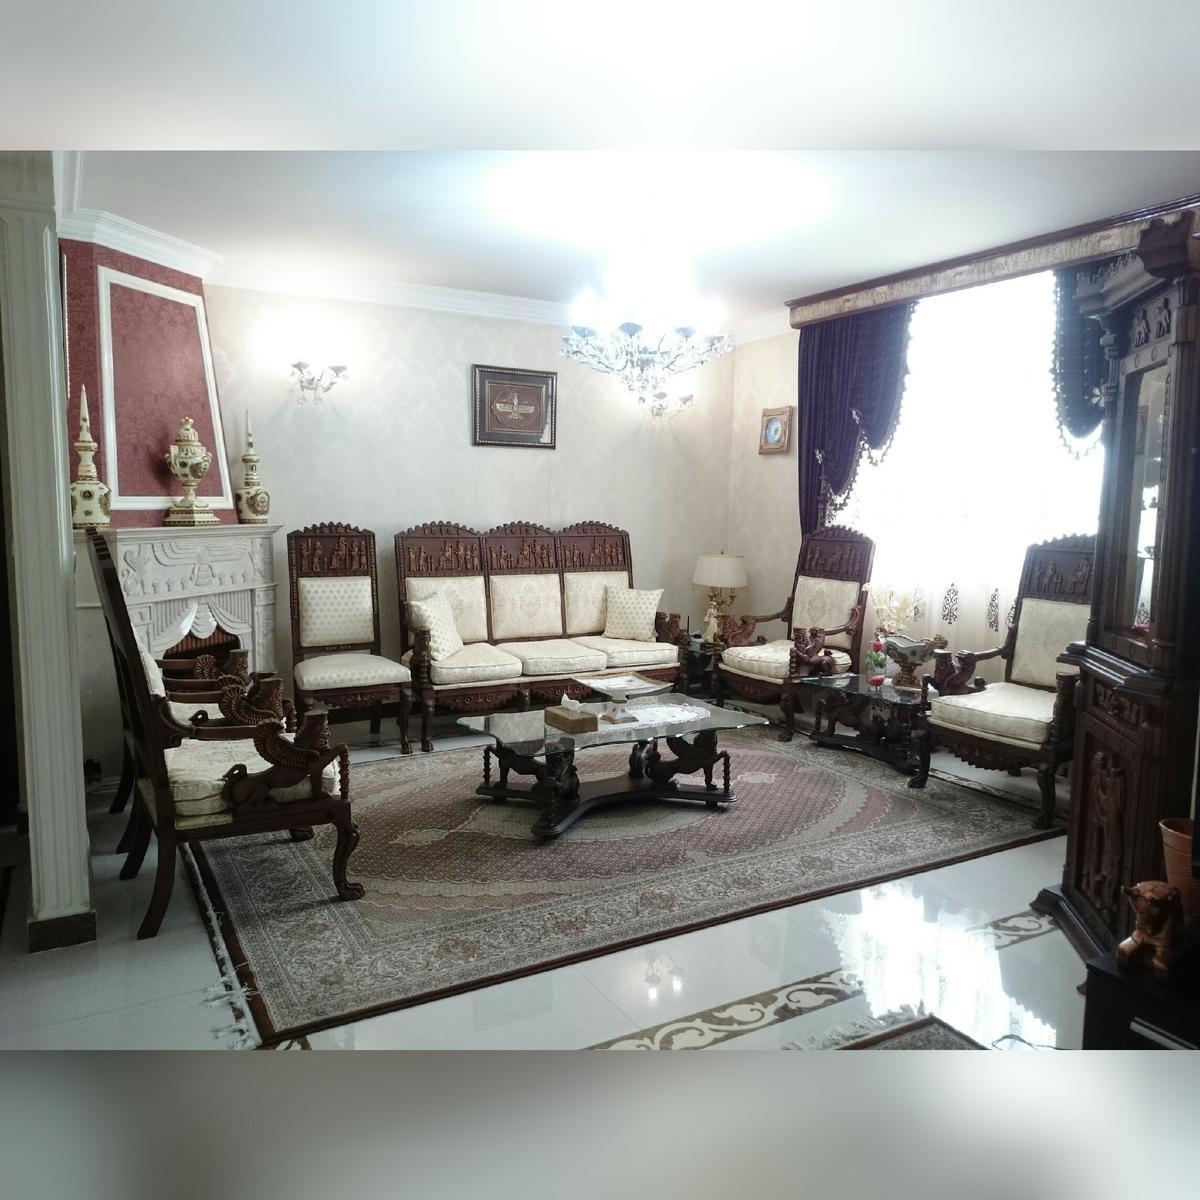 فروش خانه مبله در تهران DP5657 | ارازن جا